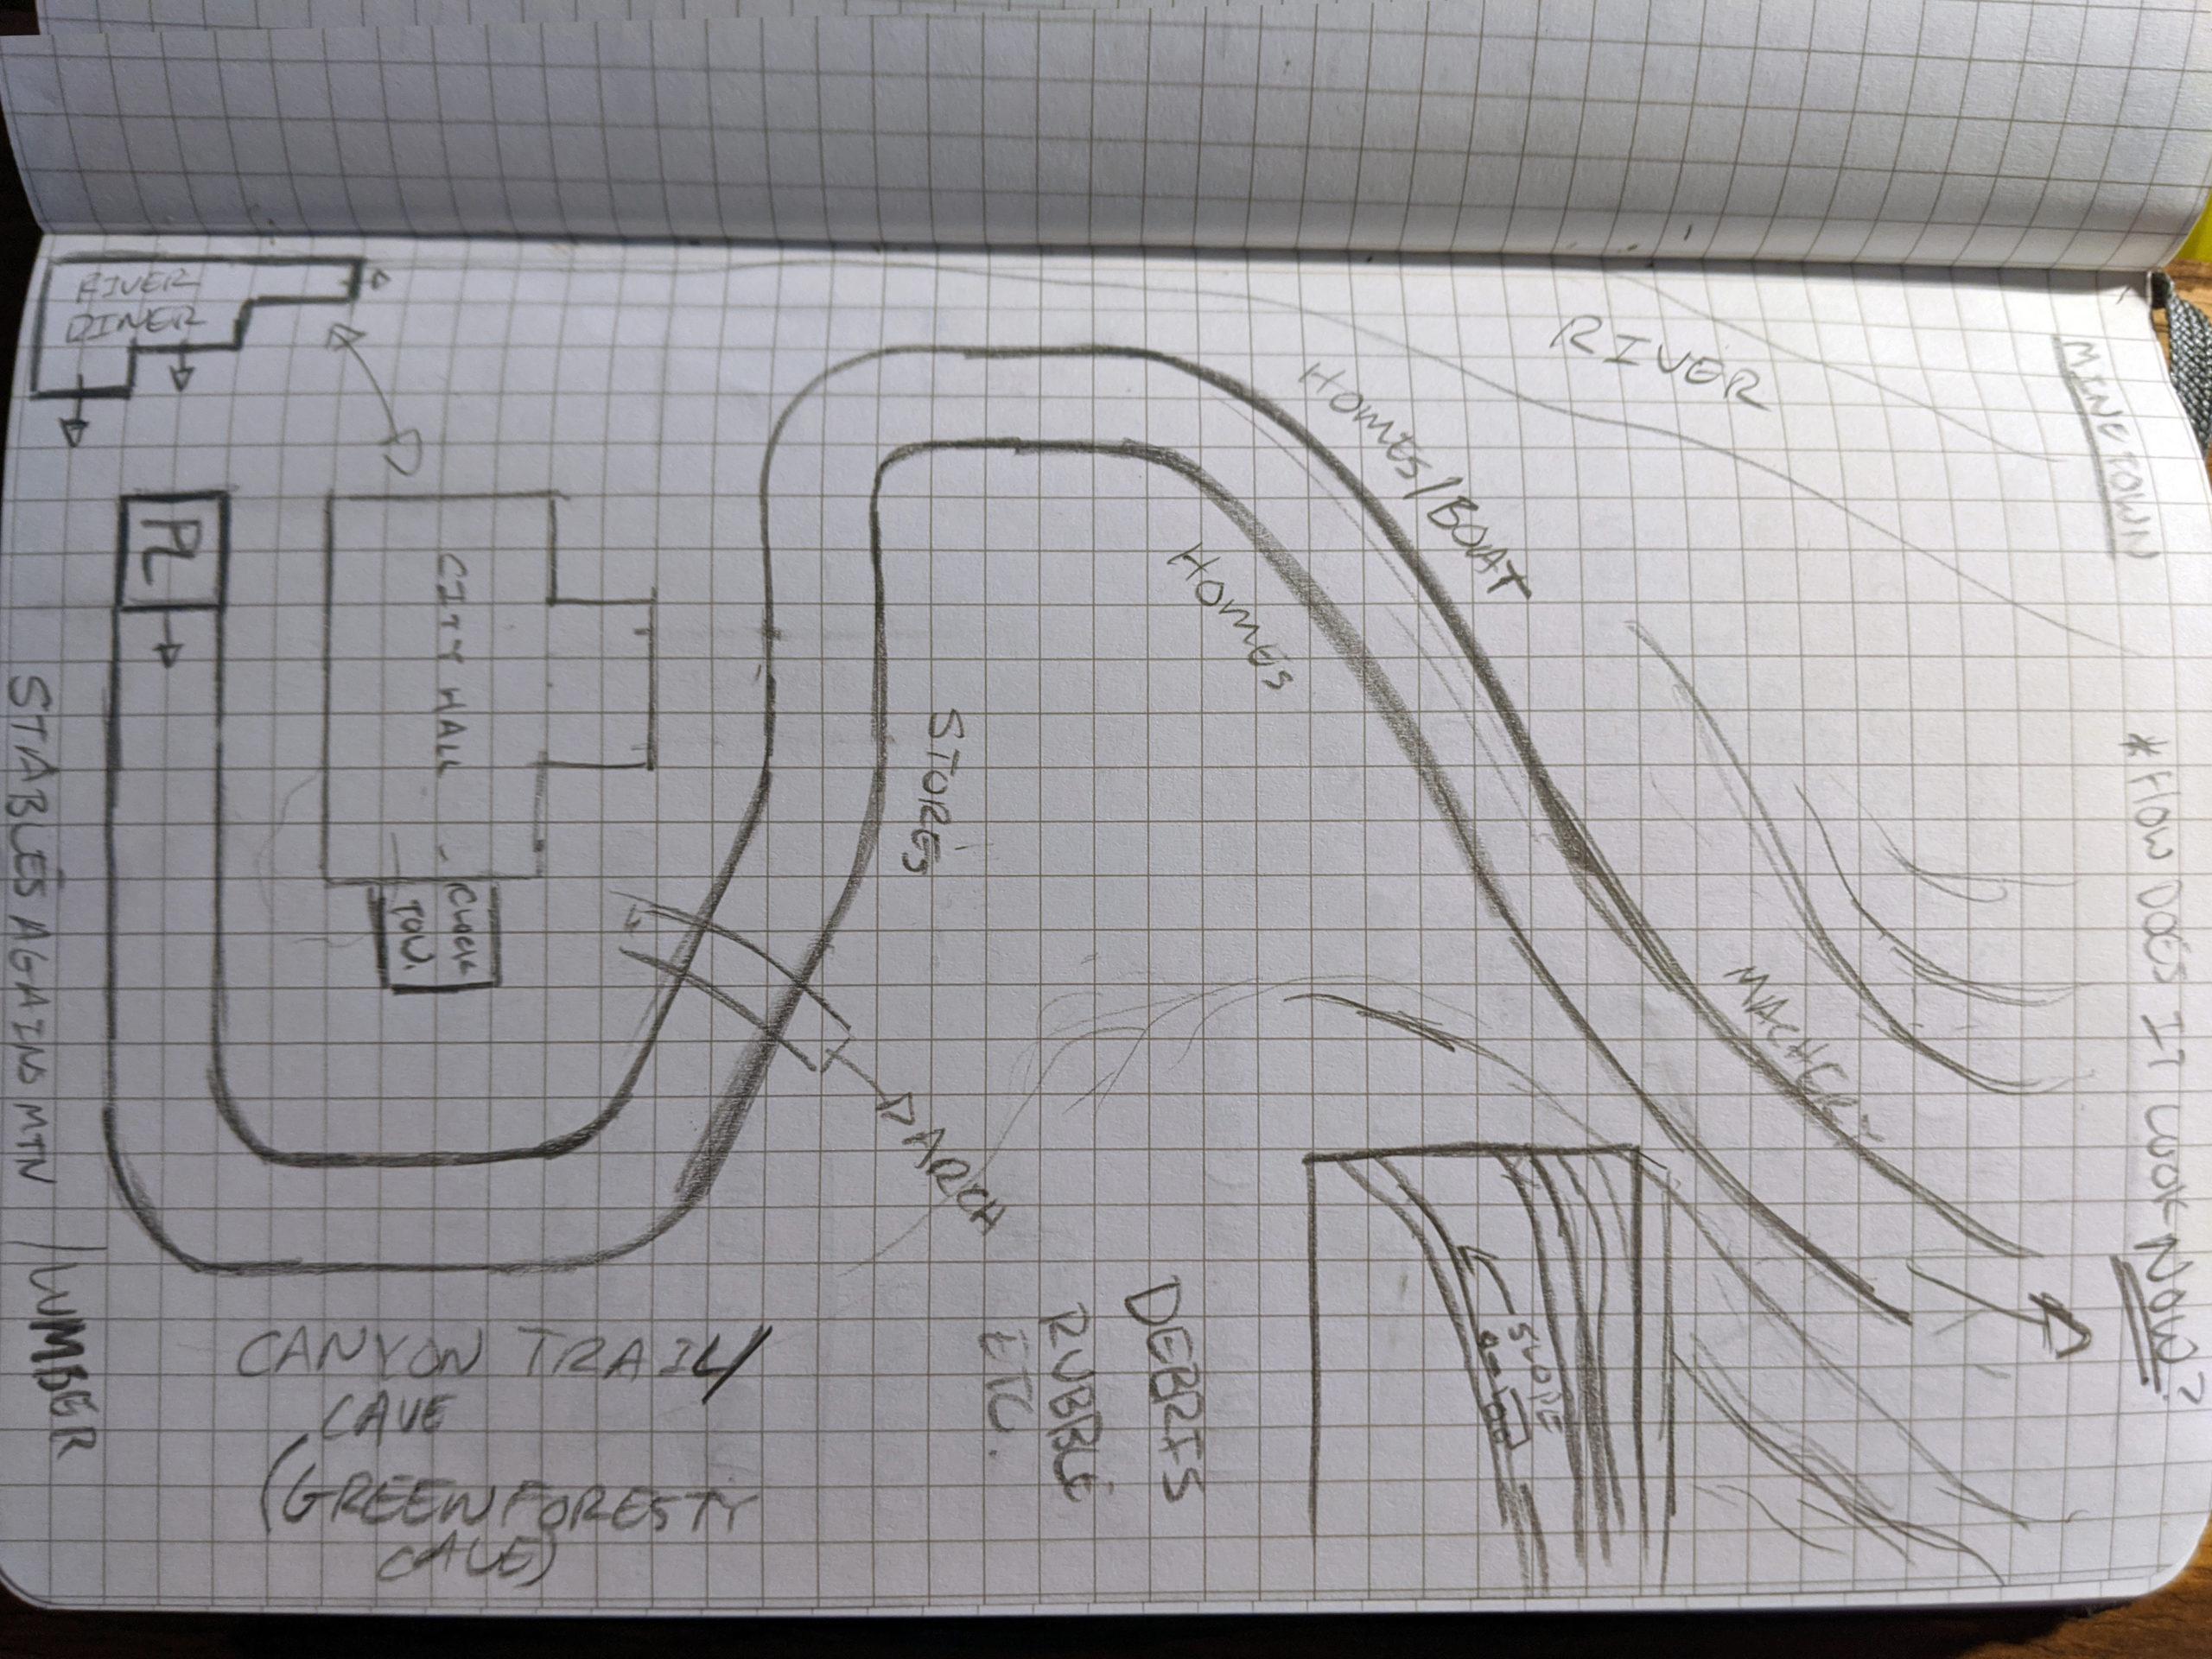 manitboa_v2_sketch